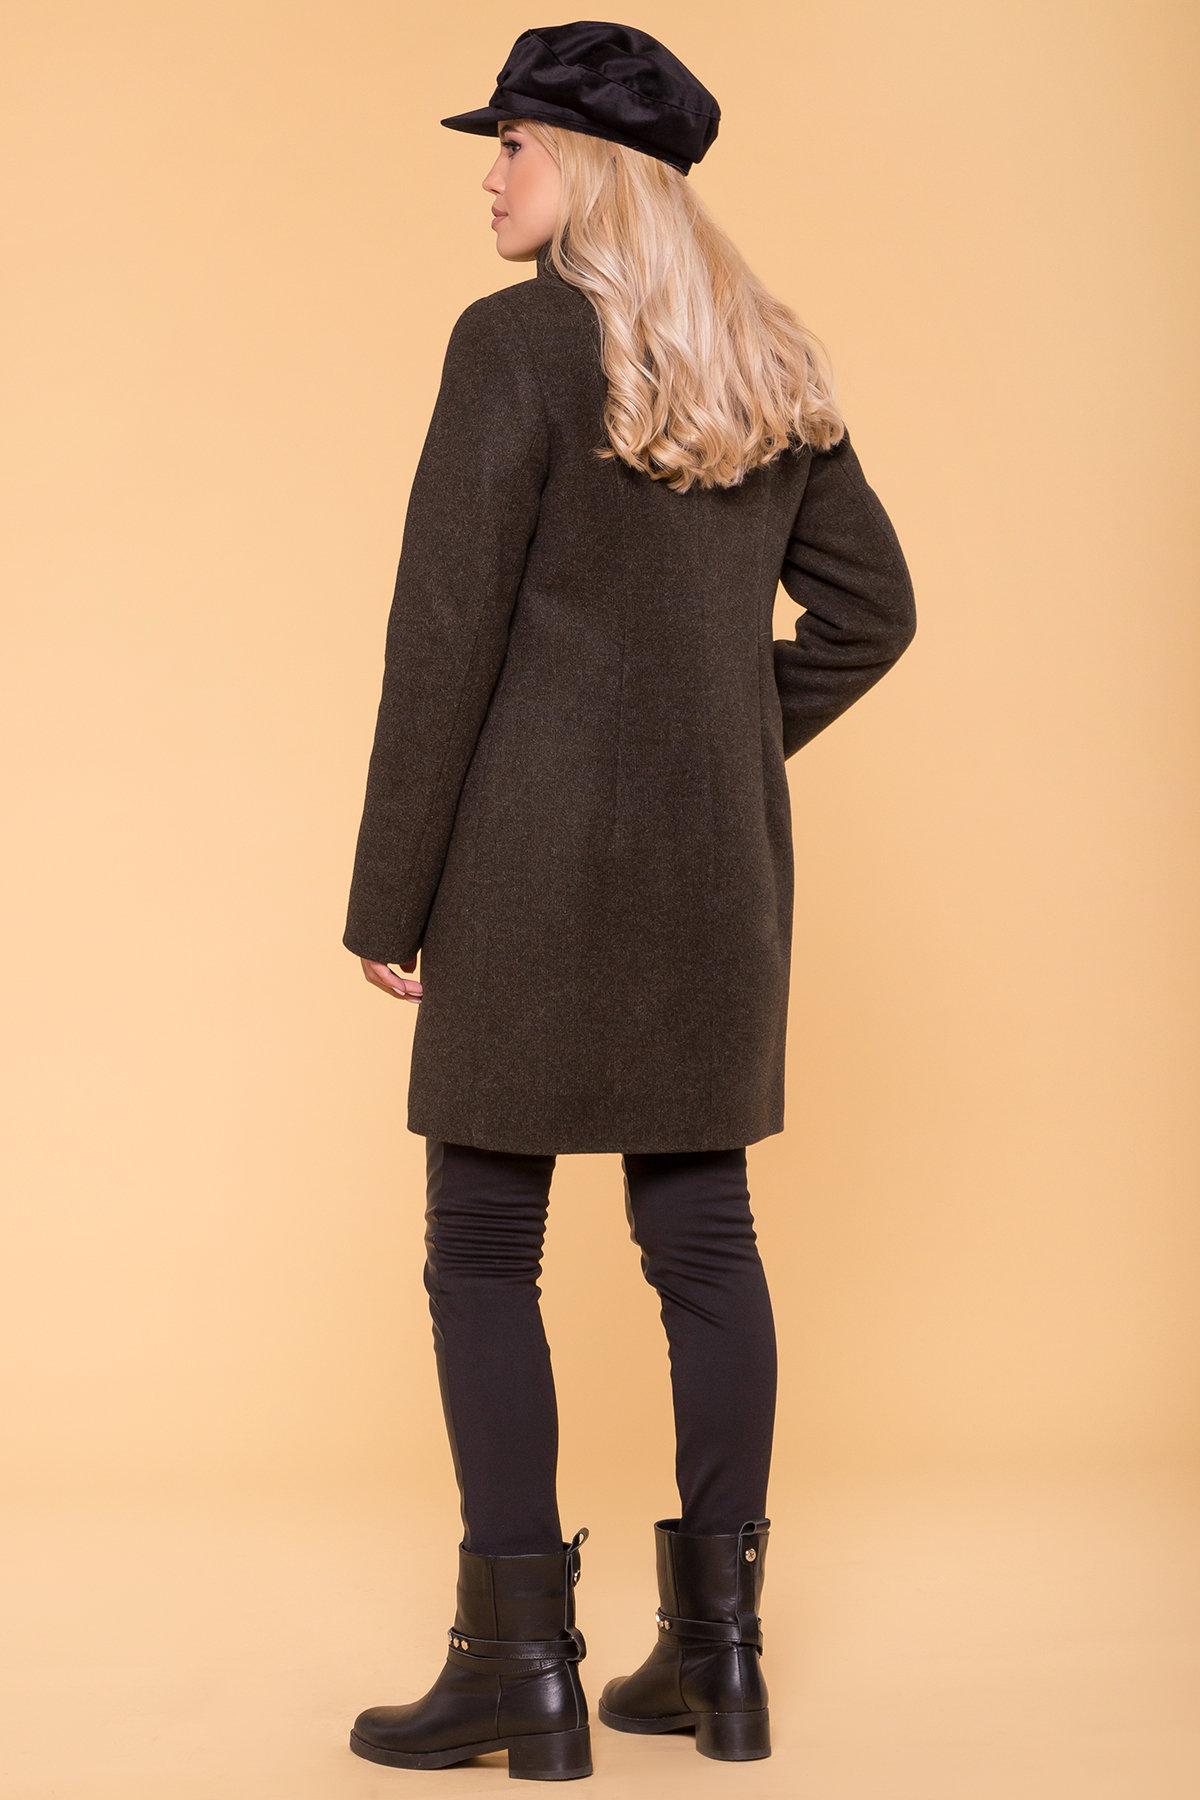 Зимнее пальто с хомутом Фортуна лайт 5802 АРТ. 40535 Цвет: Хаки 16 - фото 2, интернет магазин tm-modus.ru